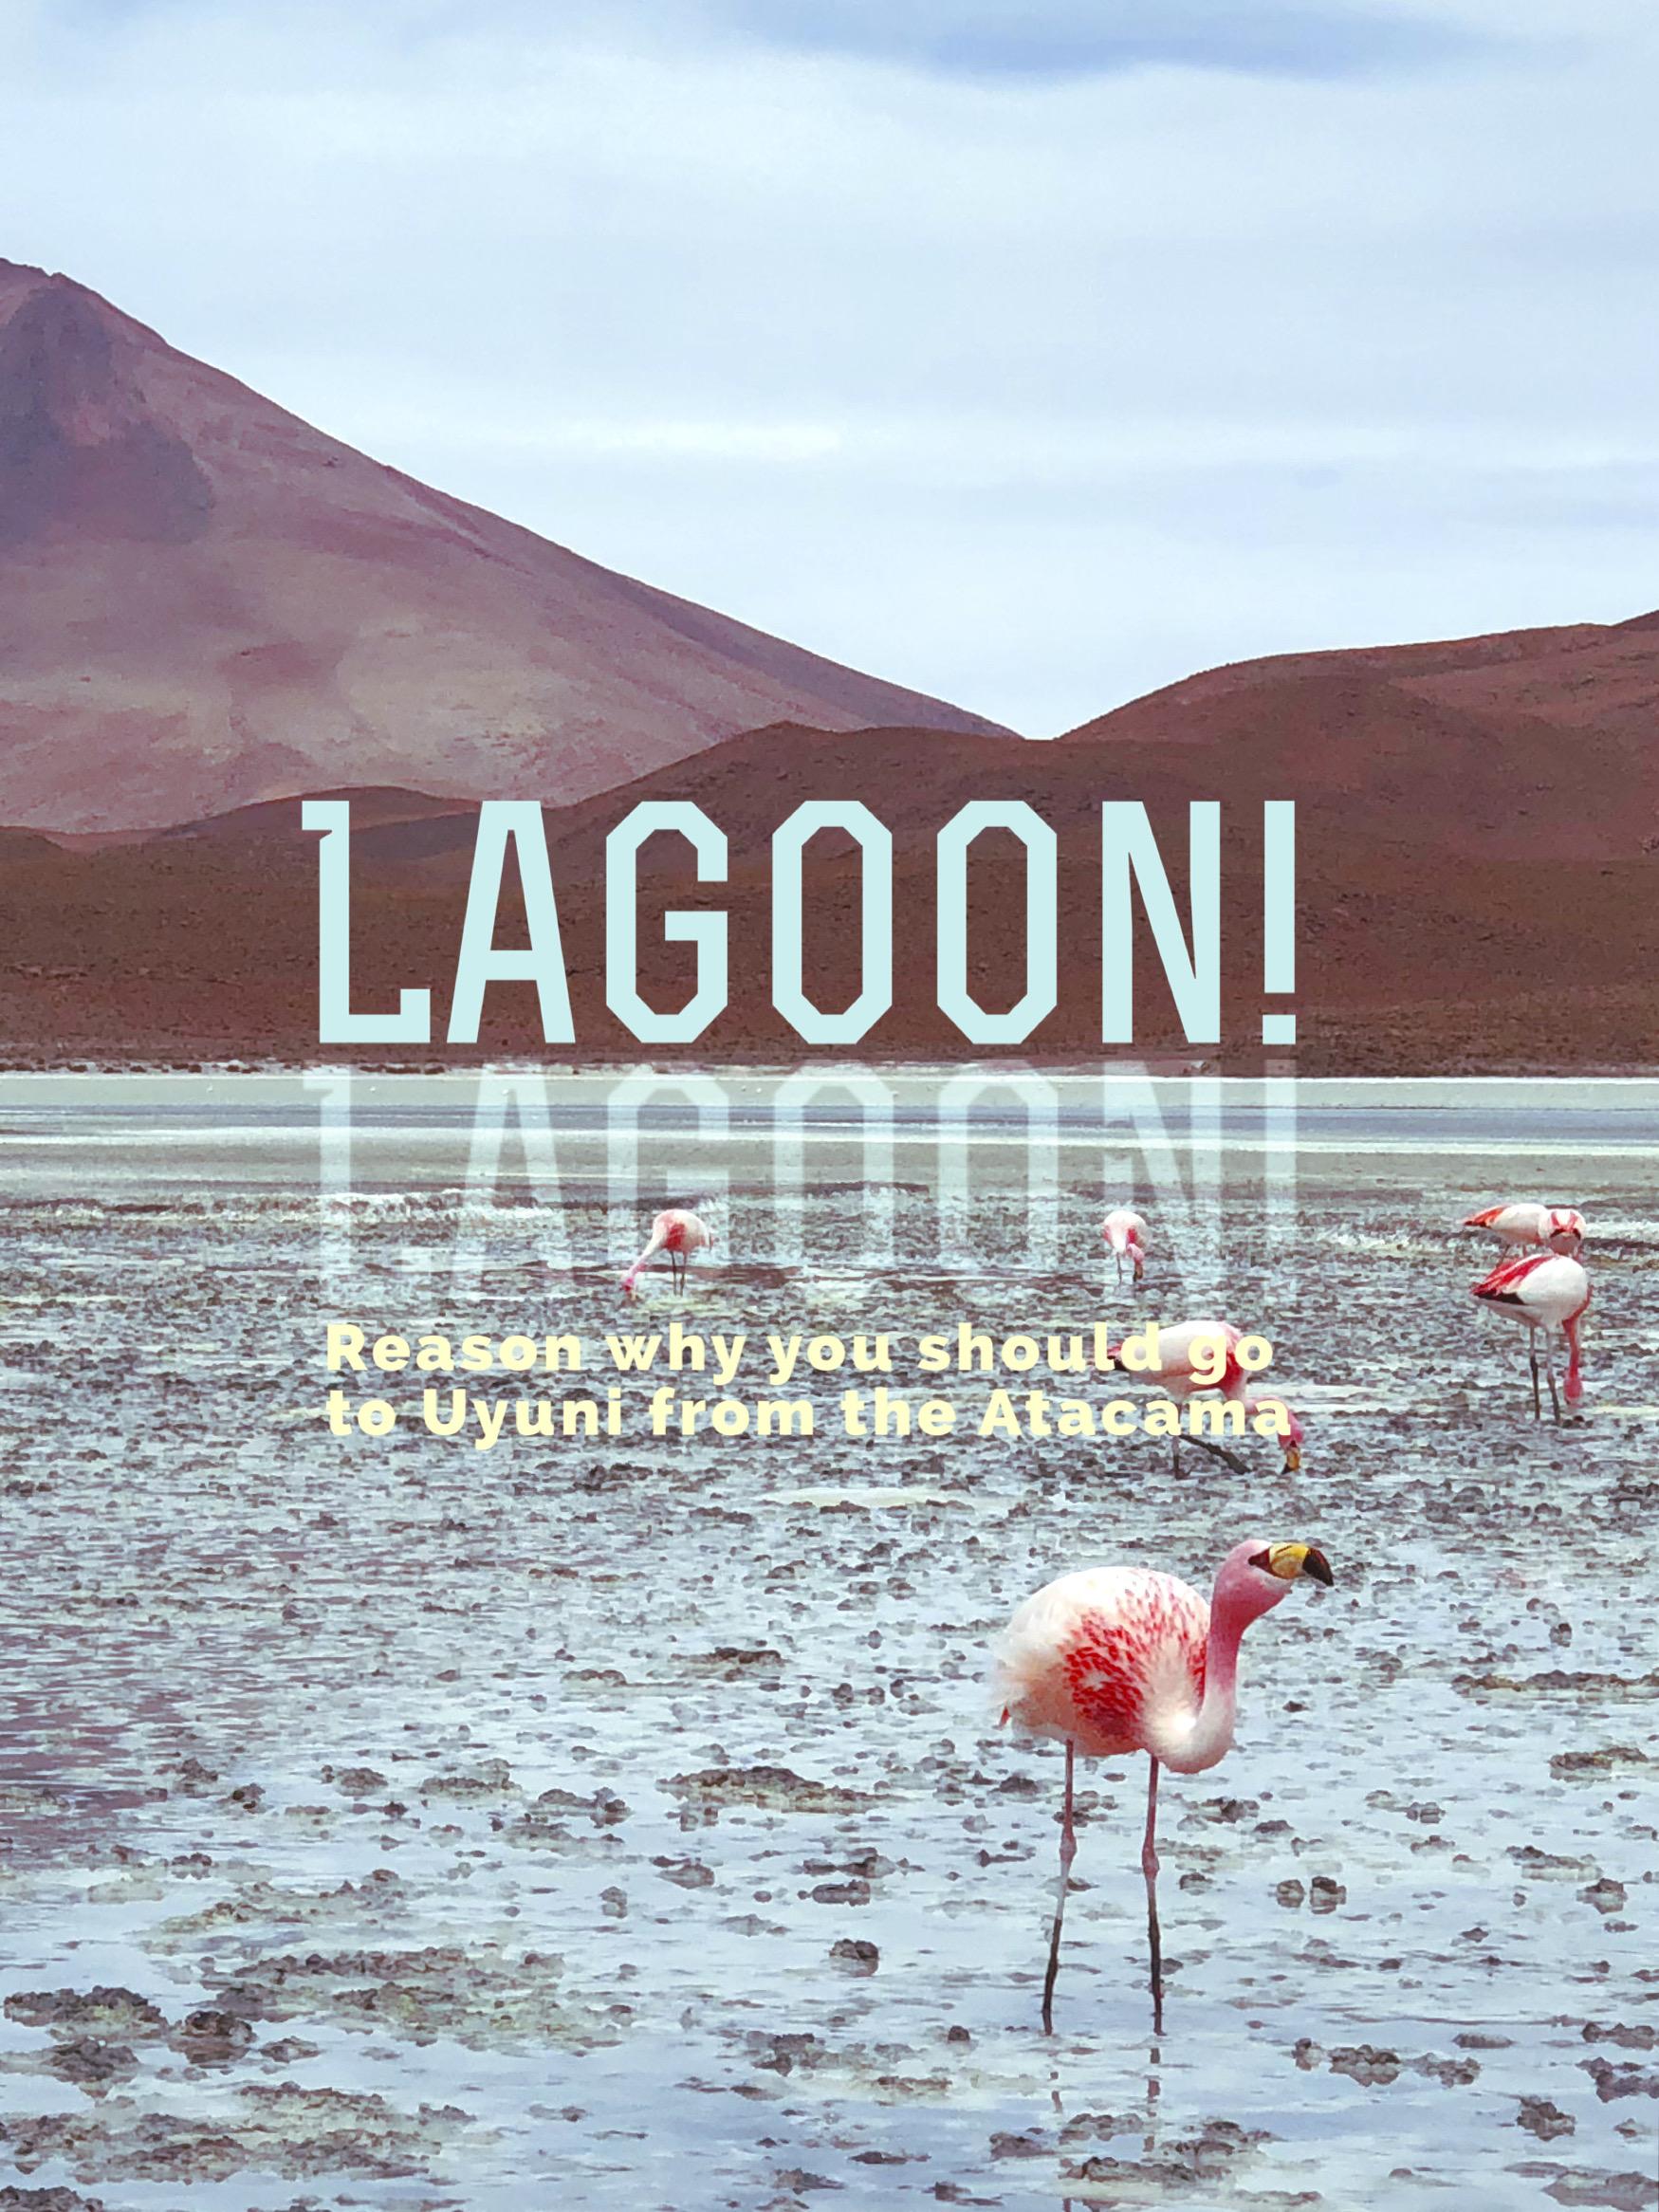 Lagoon! Lagoon!